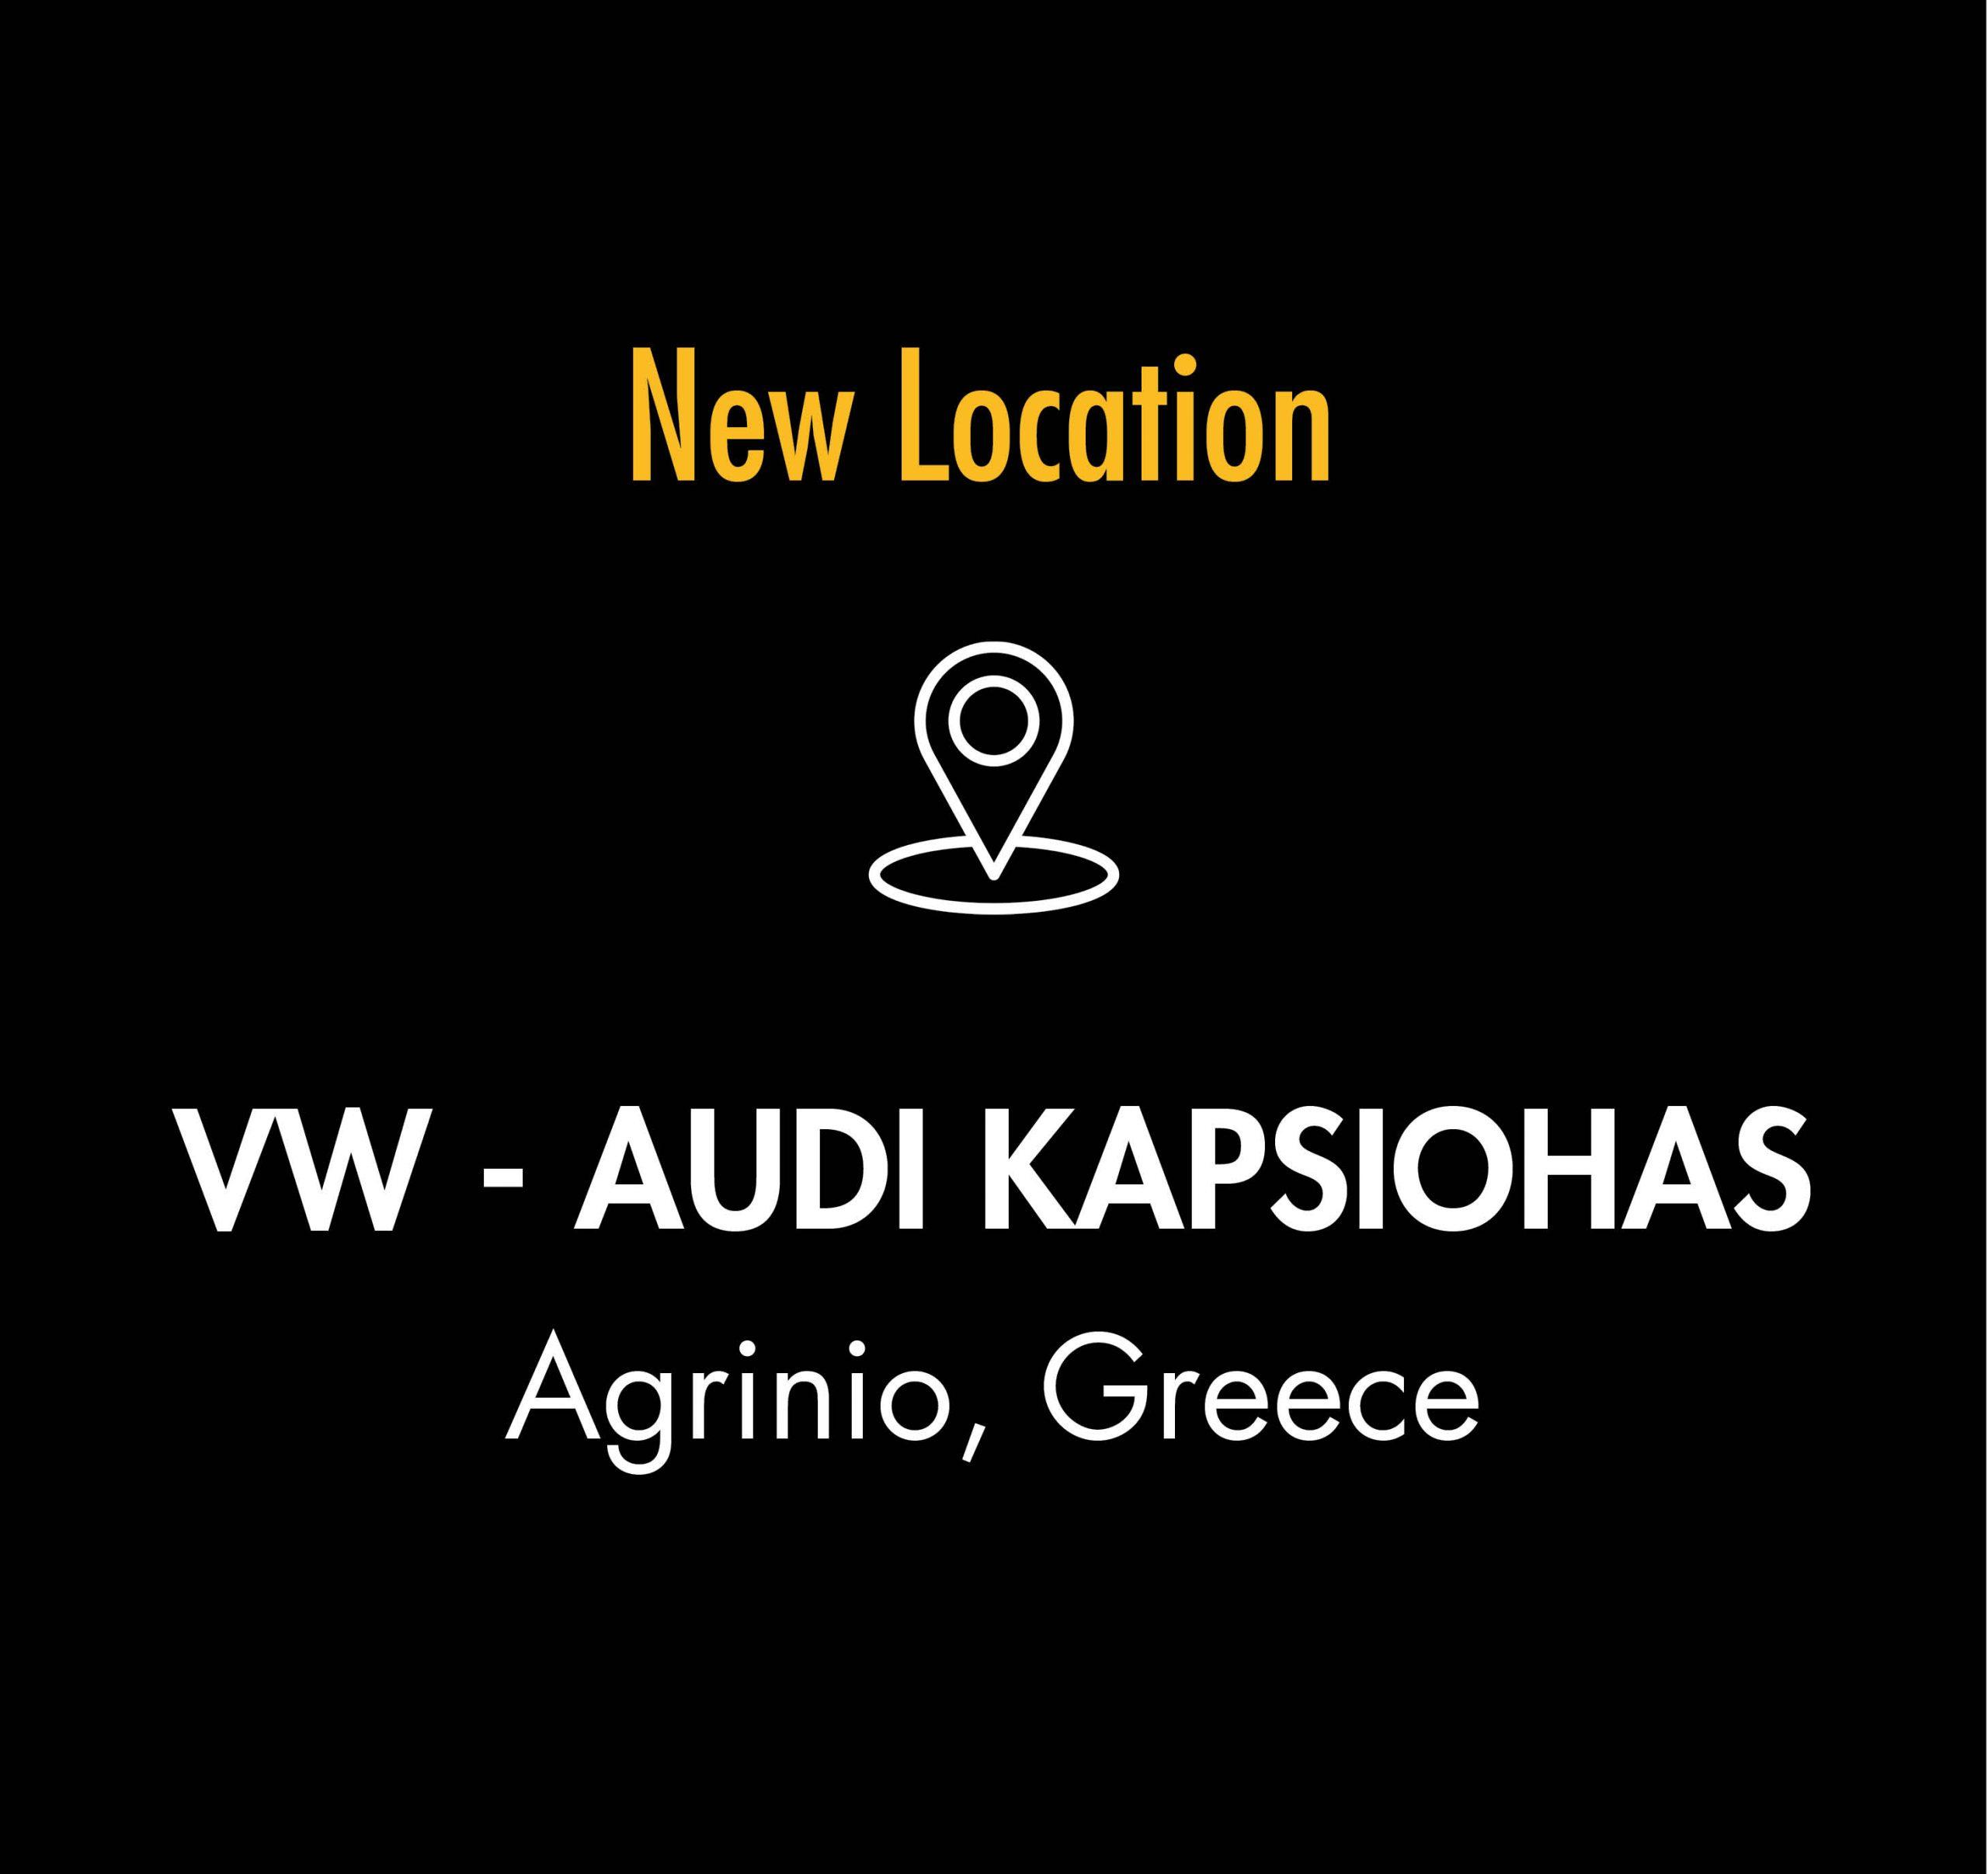 Kapsiohas VW-Audi_Agrinio